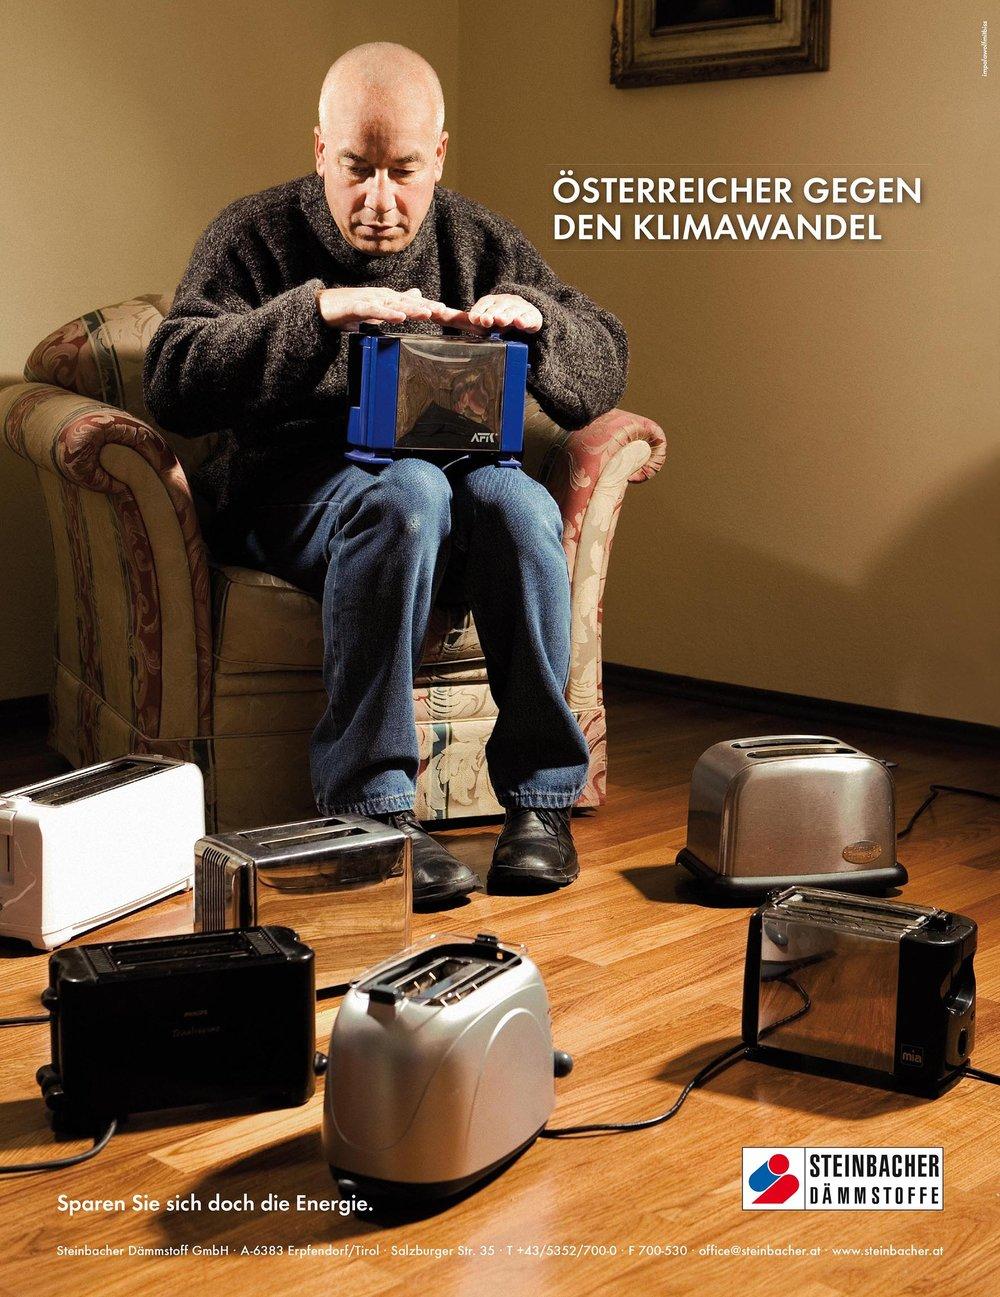 2008: Tirolissimo für beste Werbekampagne     Kunde: Steinbacher Dämmstoffe, Agentur:IWMB